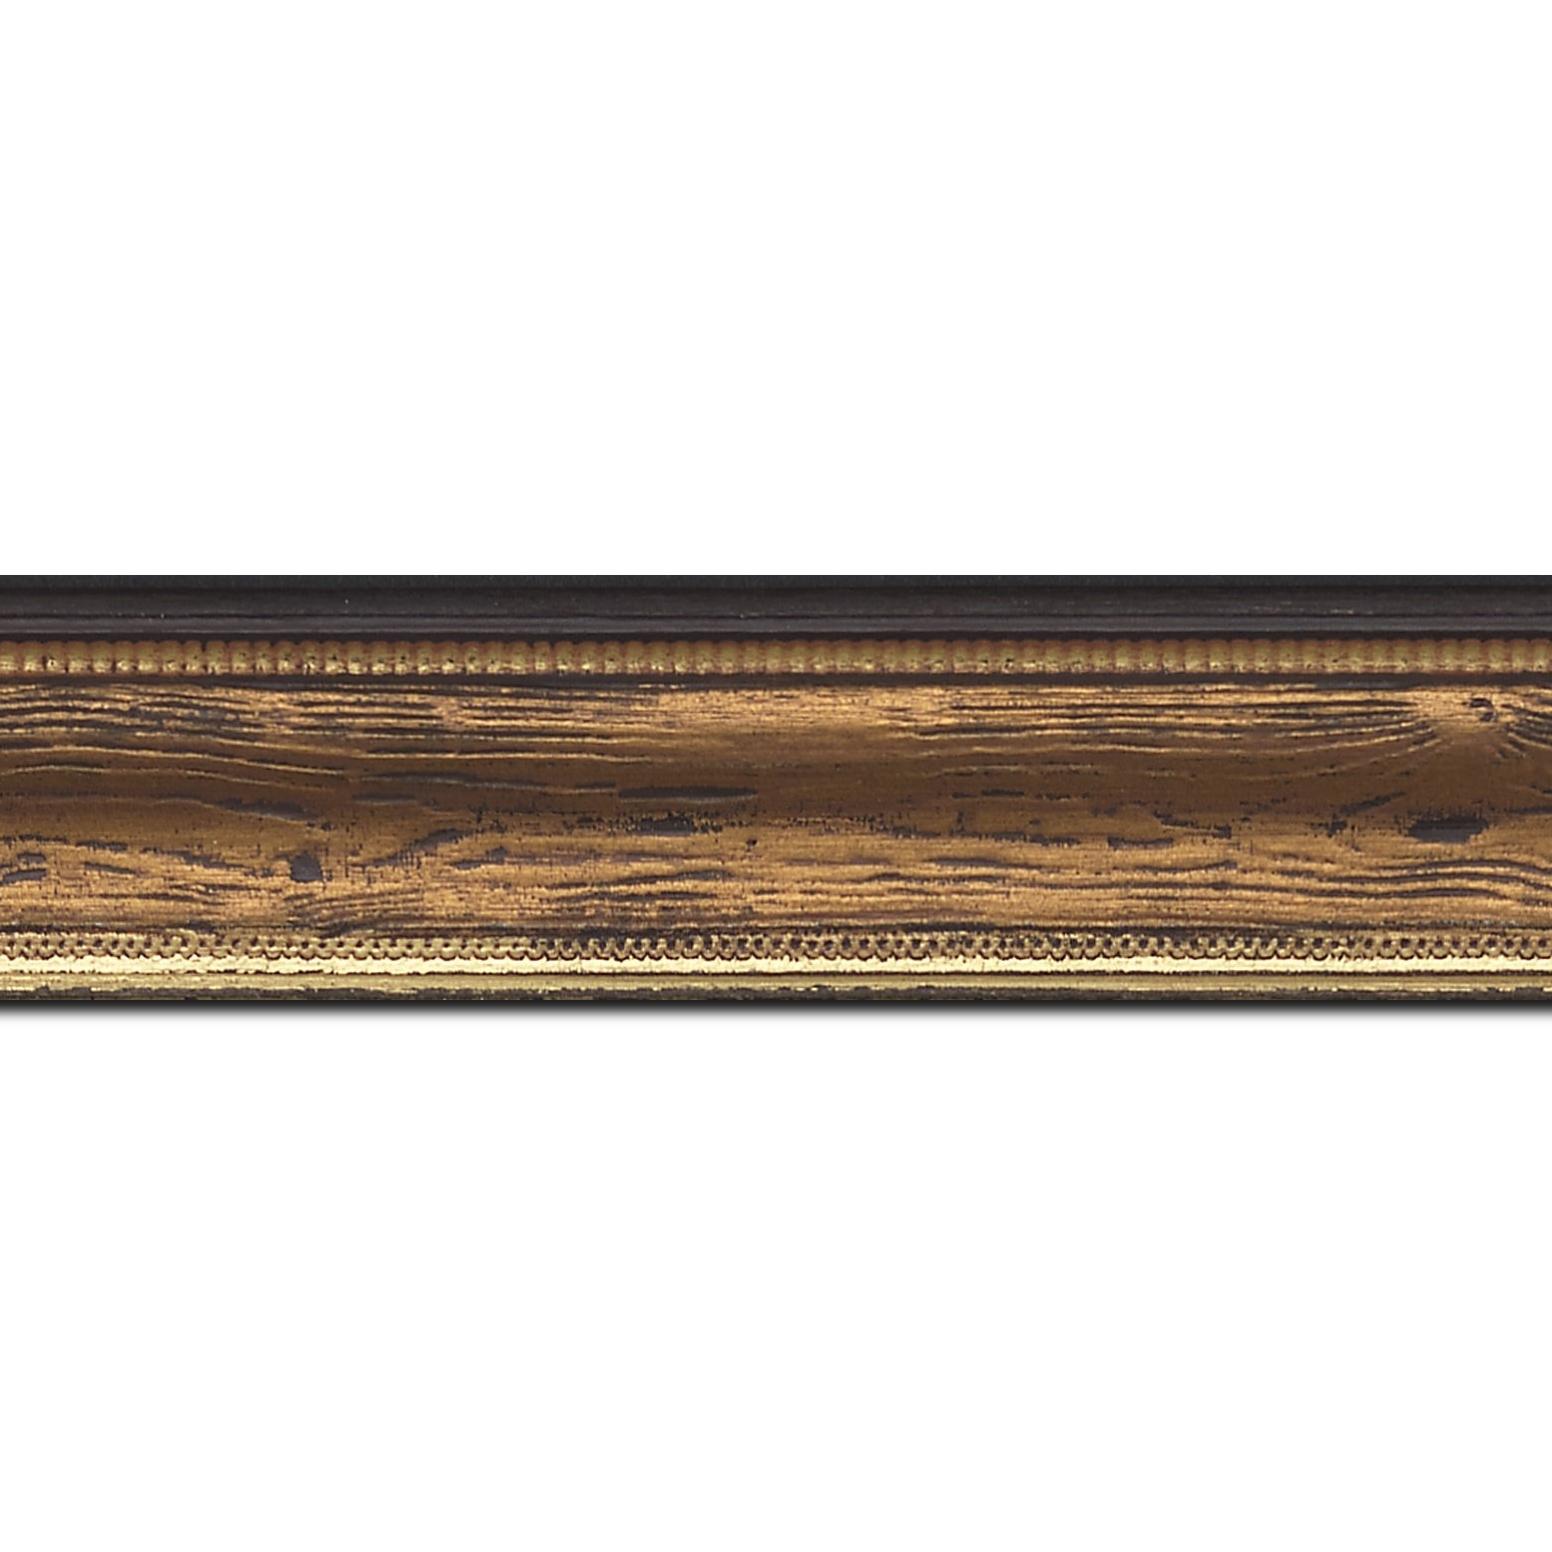 Baguette longueur 1.40m bois incurvé profil incurvé largeur 4.1cm couleur marron cuivré  aspect veiné liseret or